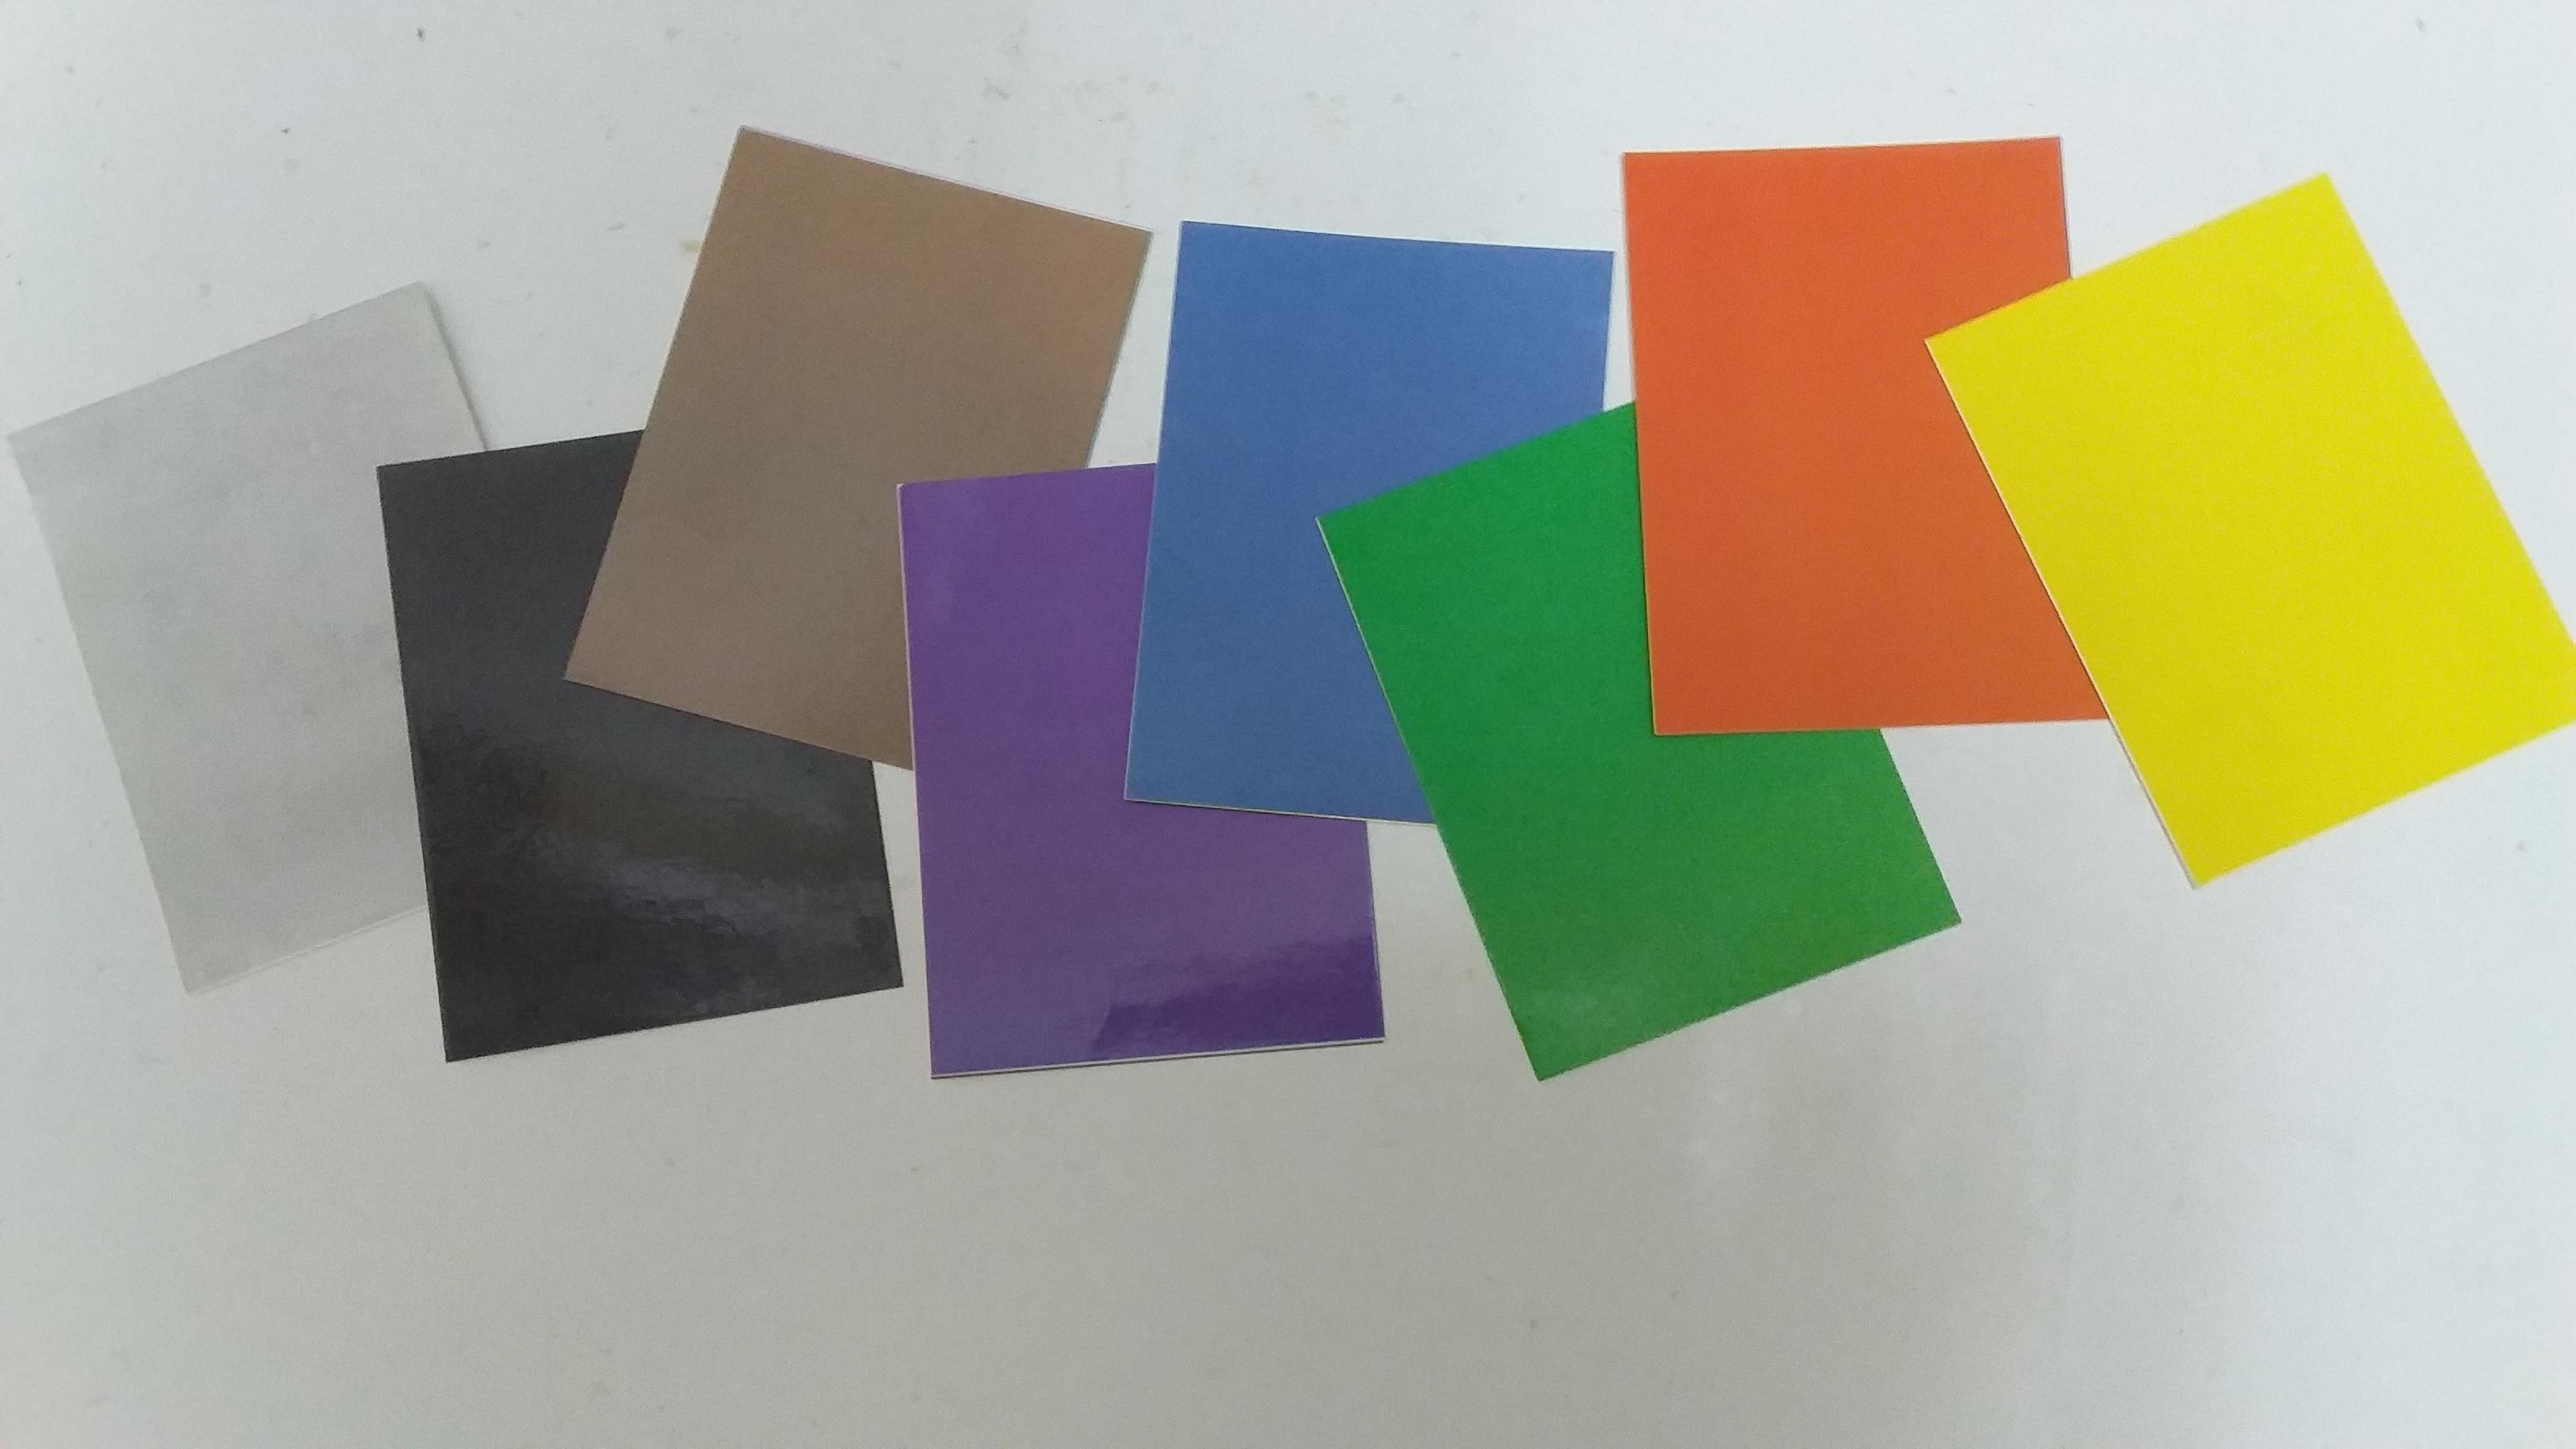 איך תעדיפו לסדר את שמונת הצבעים ומה נלמד מכך?